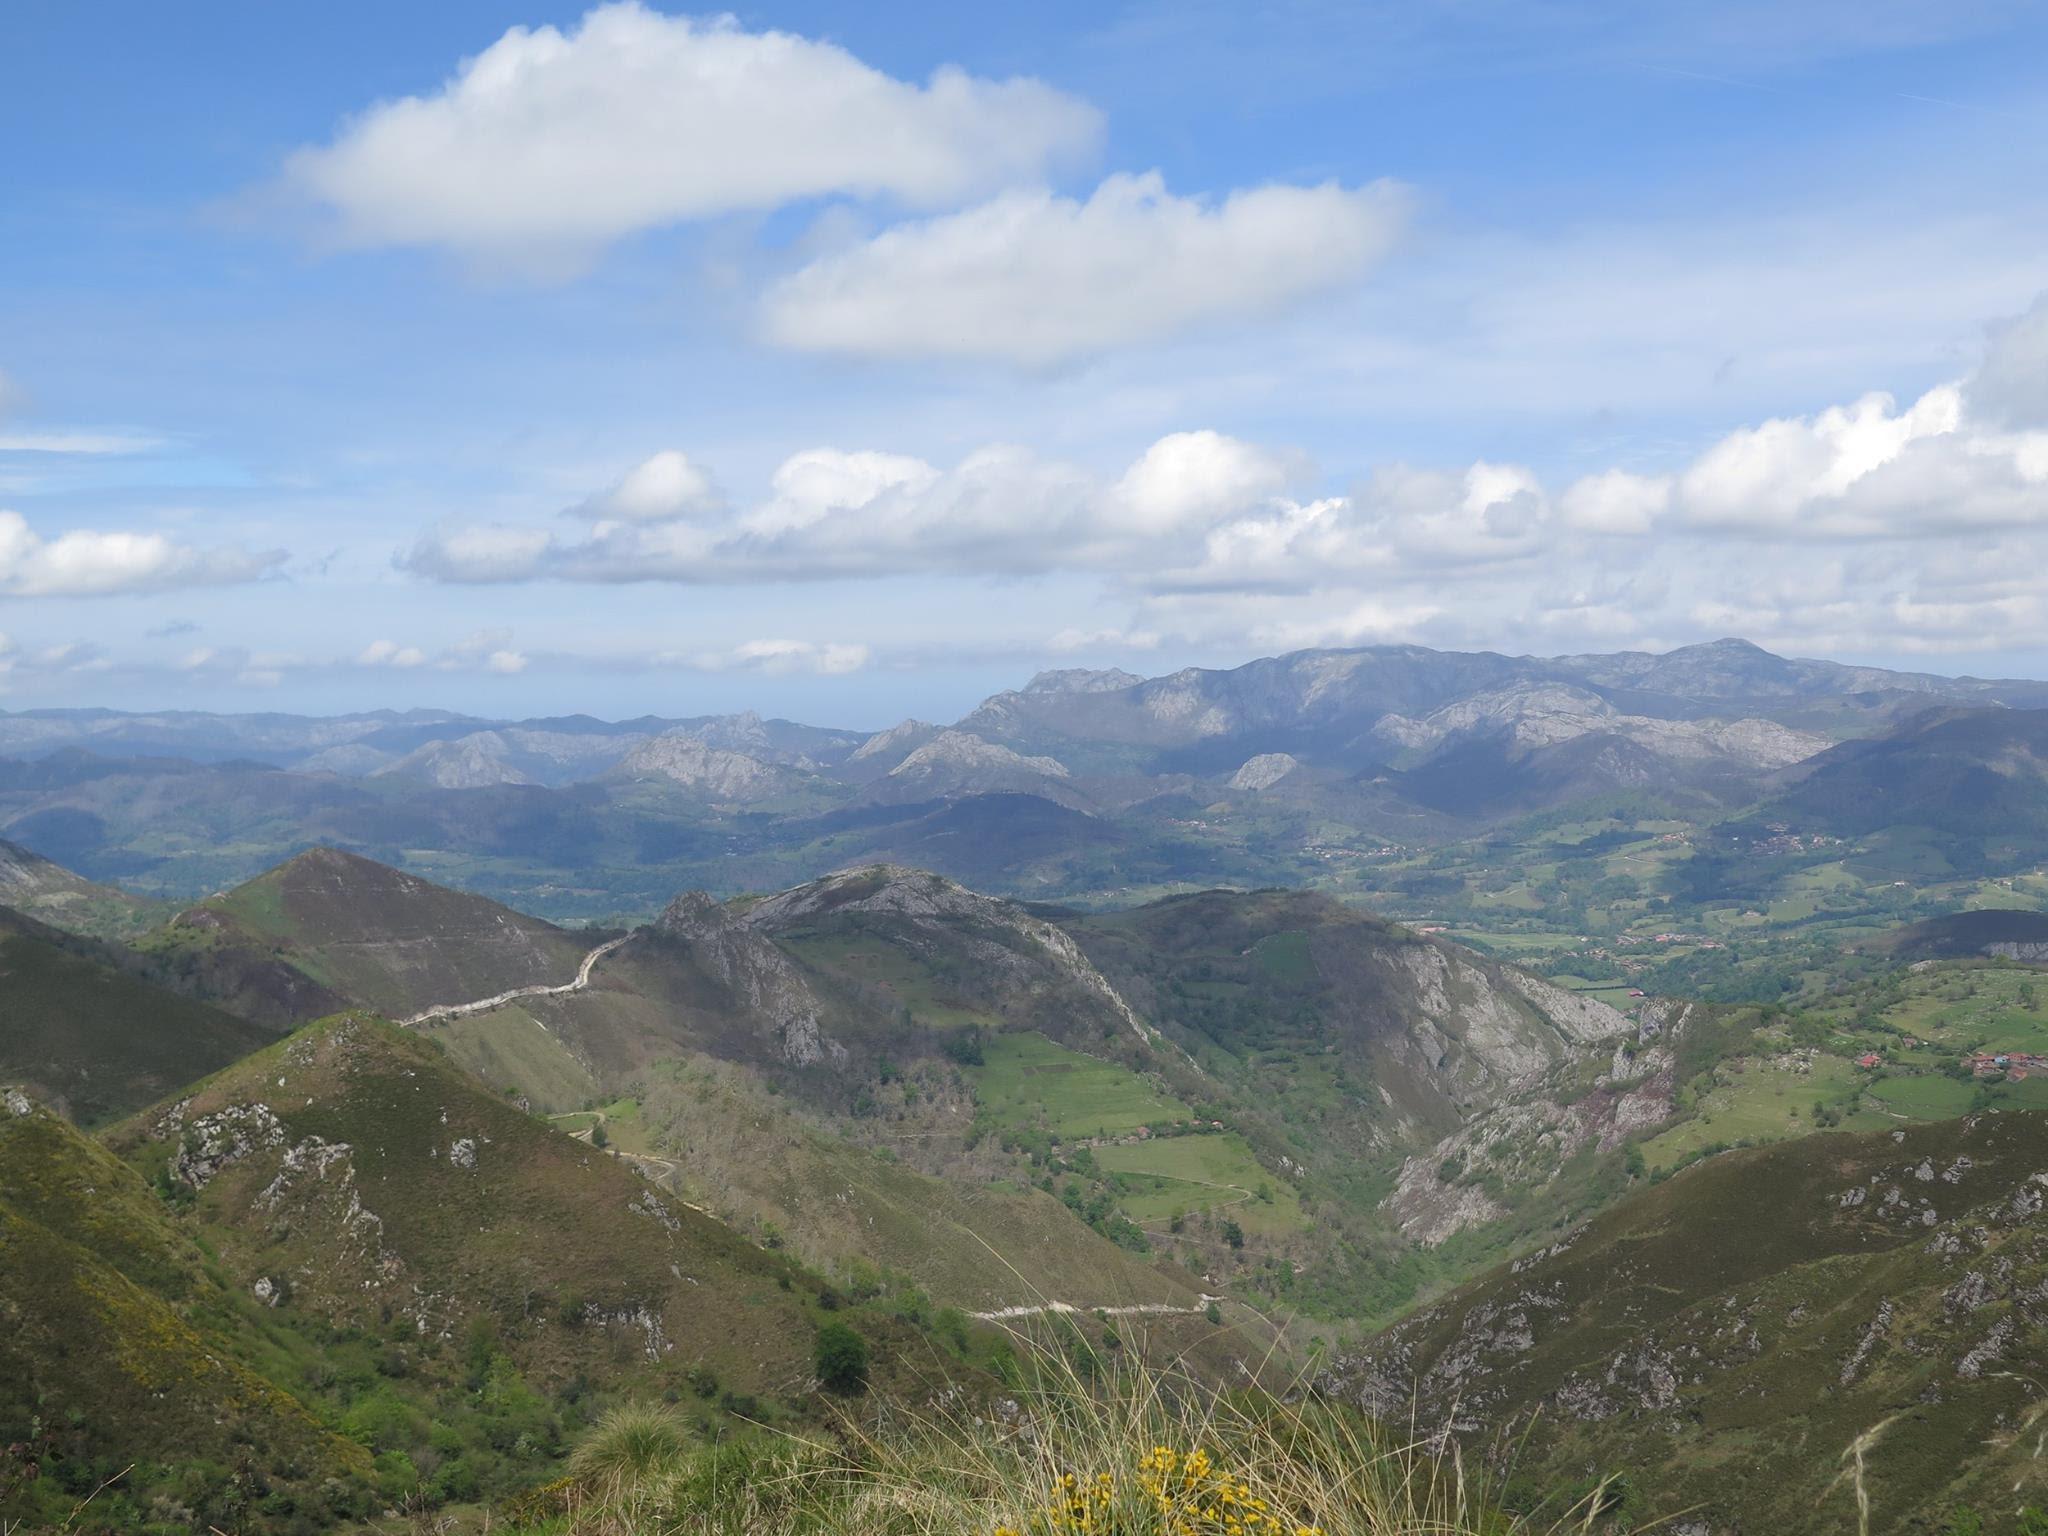 2017.05.2 y3 - Viaje Covadonga Sector Hnos. Mayores (26)